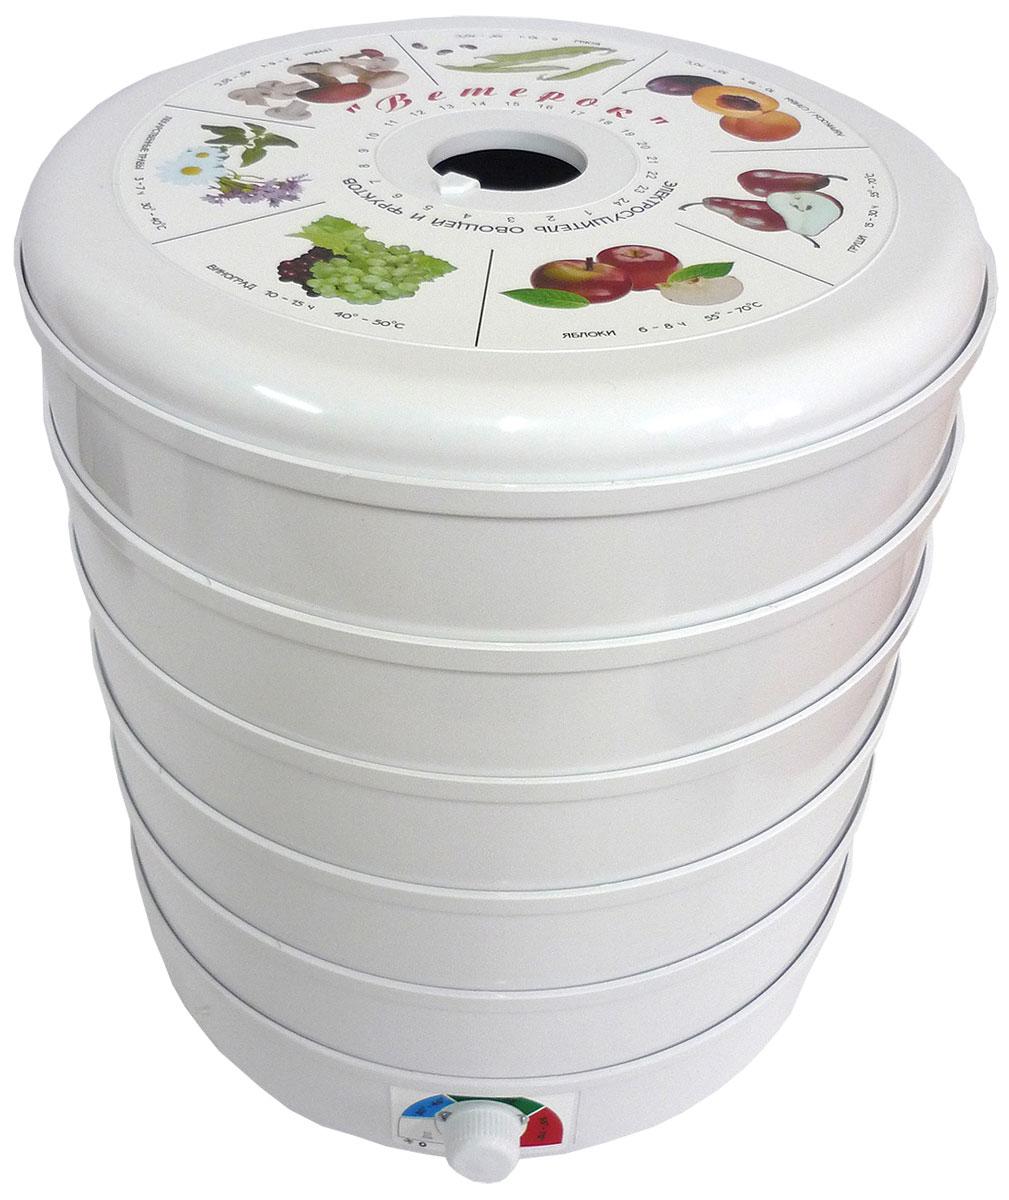 Ветерок ЭСОФ-0.5/220, White сушилка для овощей и фруктовЭСОФ- 0.5/220Электросушитель для овощей и фруктов с пятью поддонами Ветерок ЭСОФ-0.5/220 имеет повышенную производительность. Он предназначен для сушки плодов (яблоки, груши, вишни и т.д.), ягод, овощей, грибов, лекарственных растений, а также других продуктов (например сушка и вяление рыбы) в домашних условиях. Эффективность сушки составляет не менее 80% от массы исходного продукта при температуре от 30 до 70°С и времени от 2 до 30 часов. В данном приборе также установлен вентилятор повышенной мощности. Средний срок службы - 10 лет.